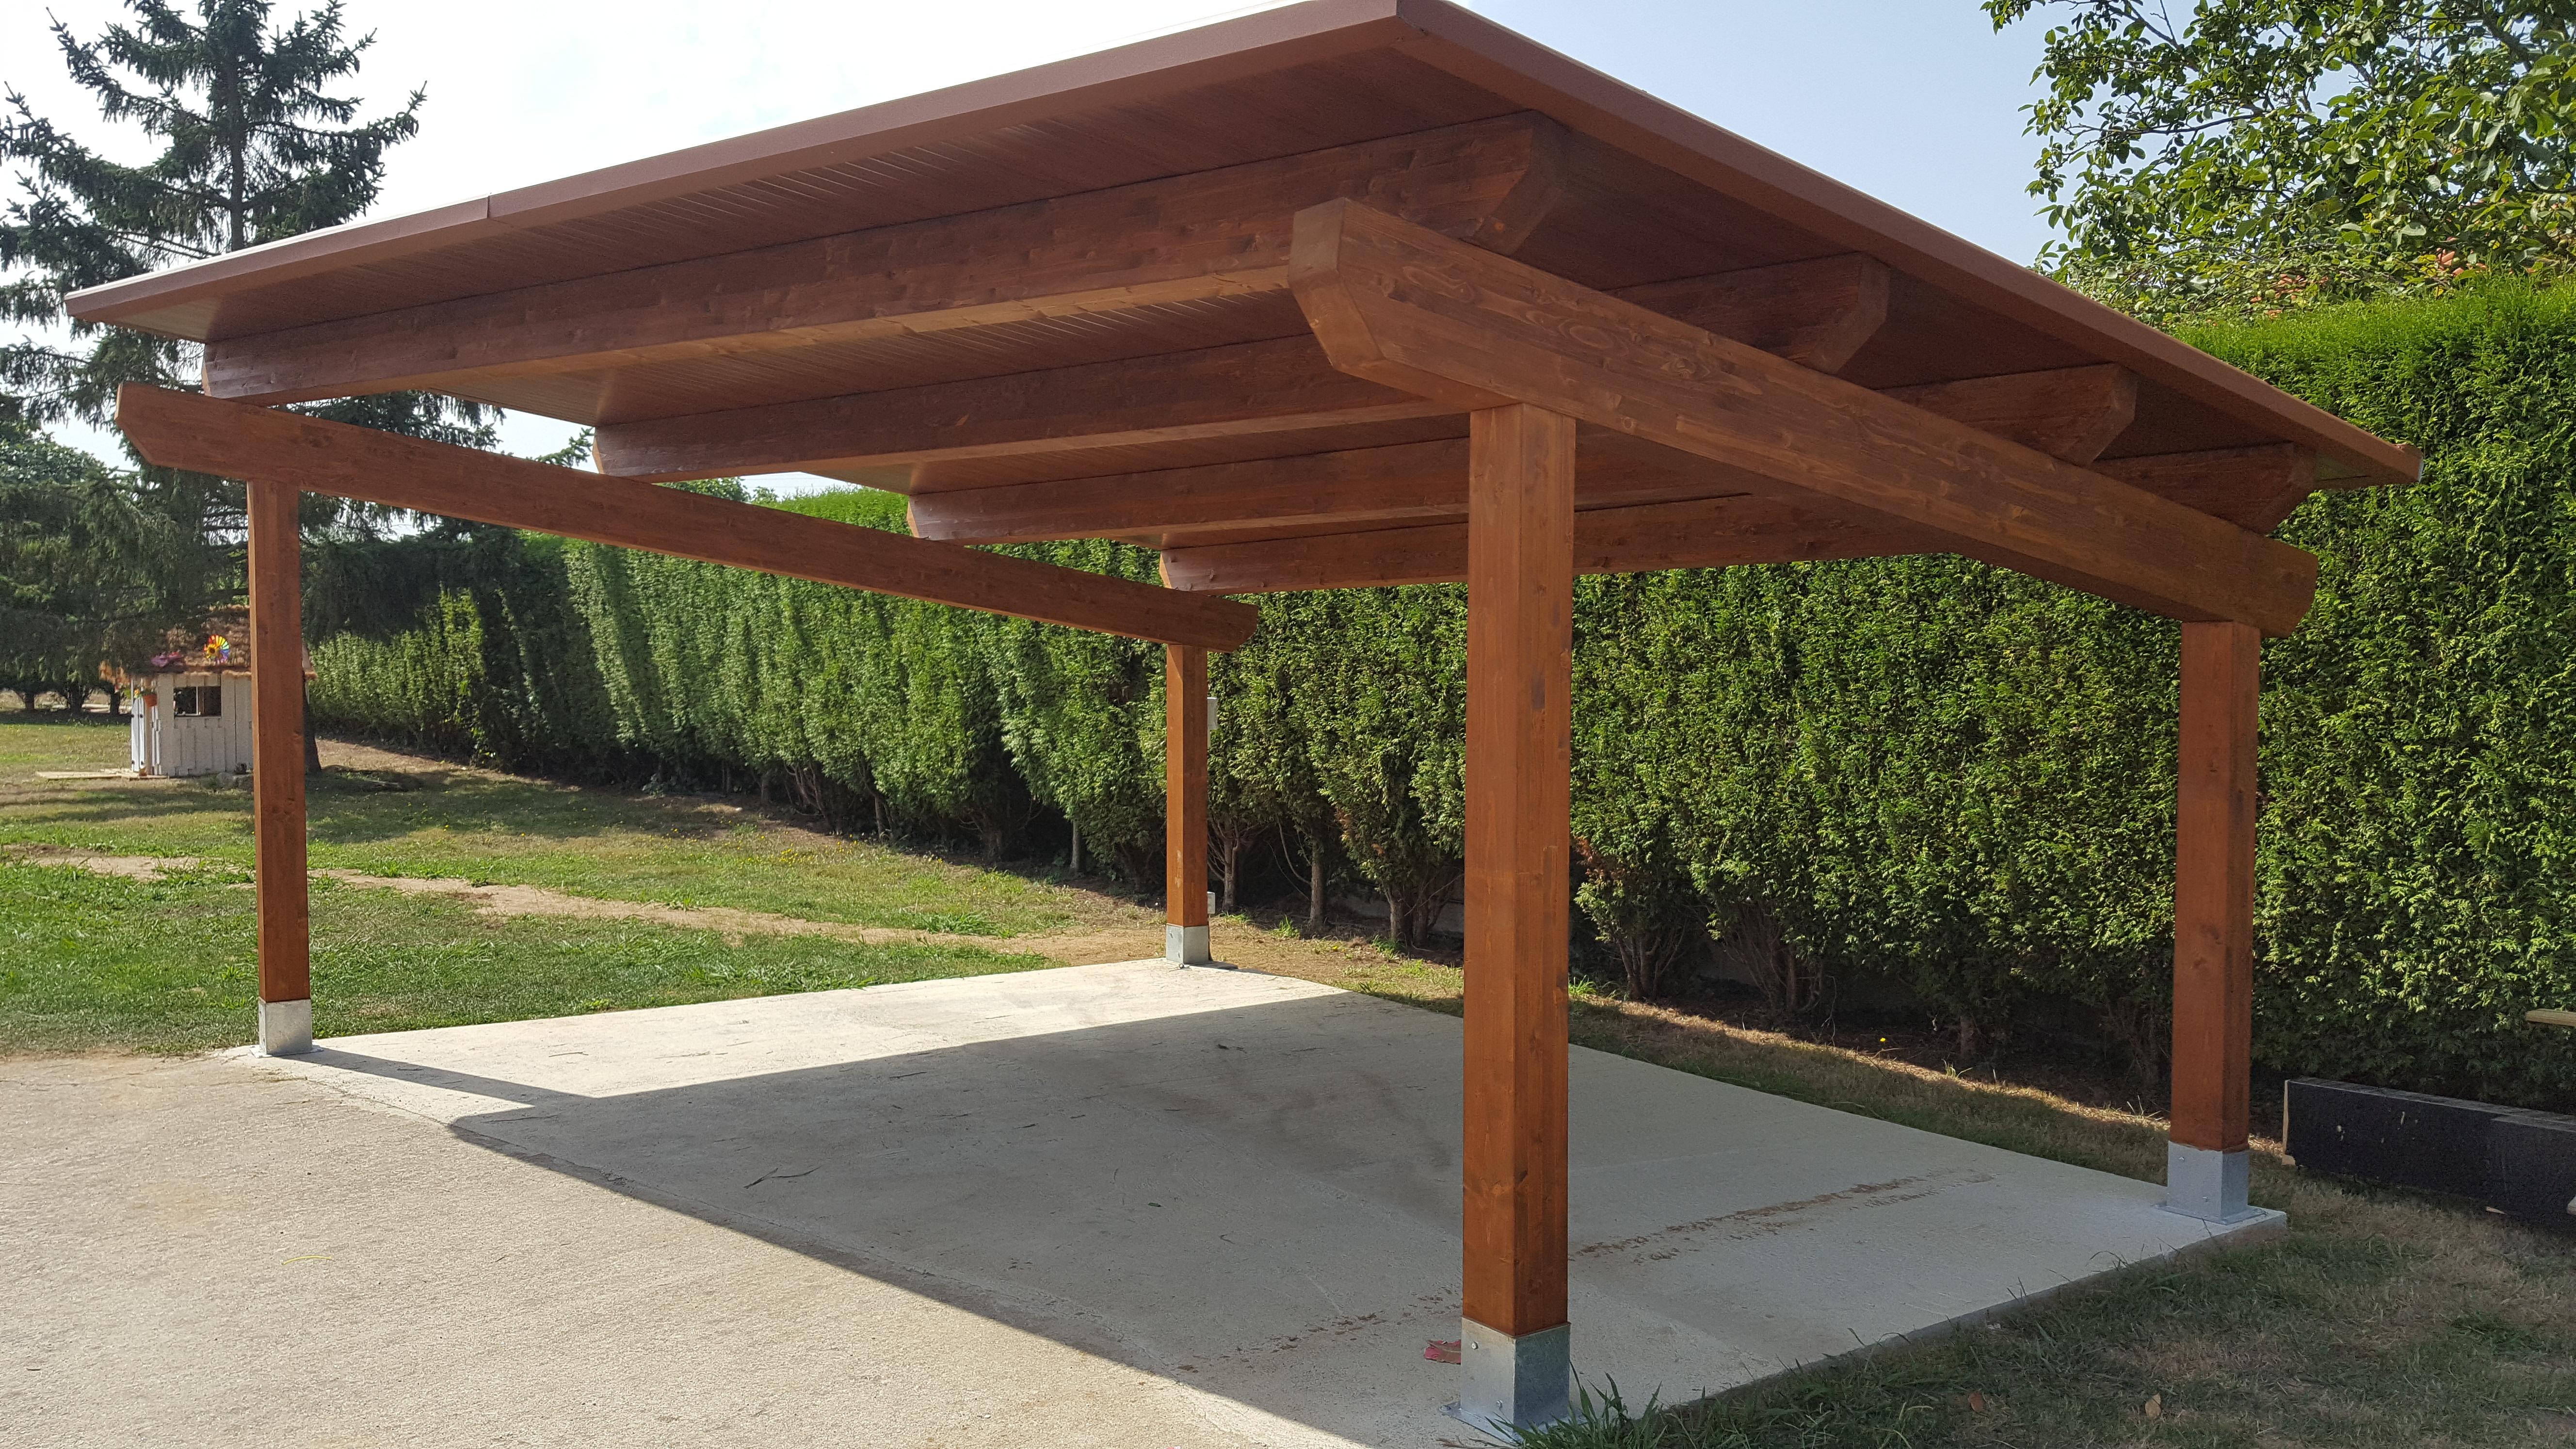 Garaje de madera laminada 6 5 - Porches para coches ...